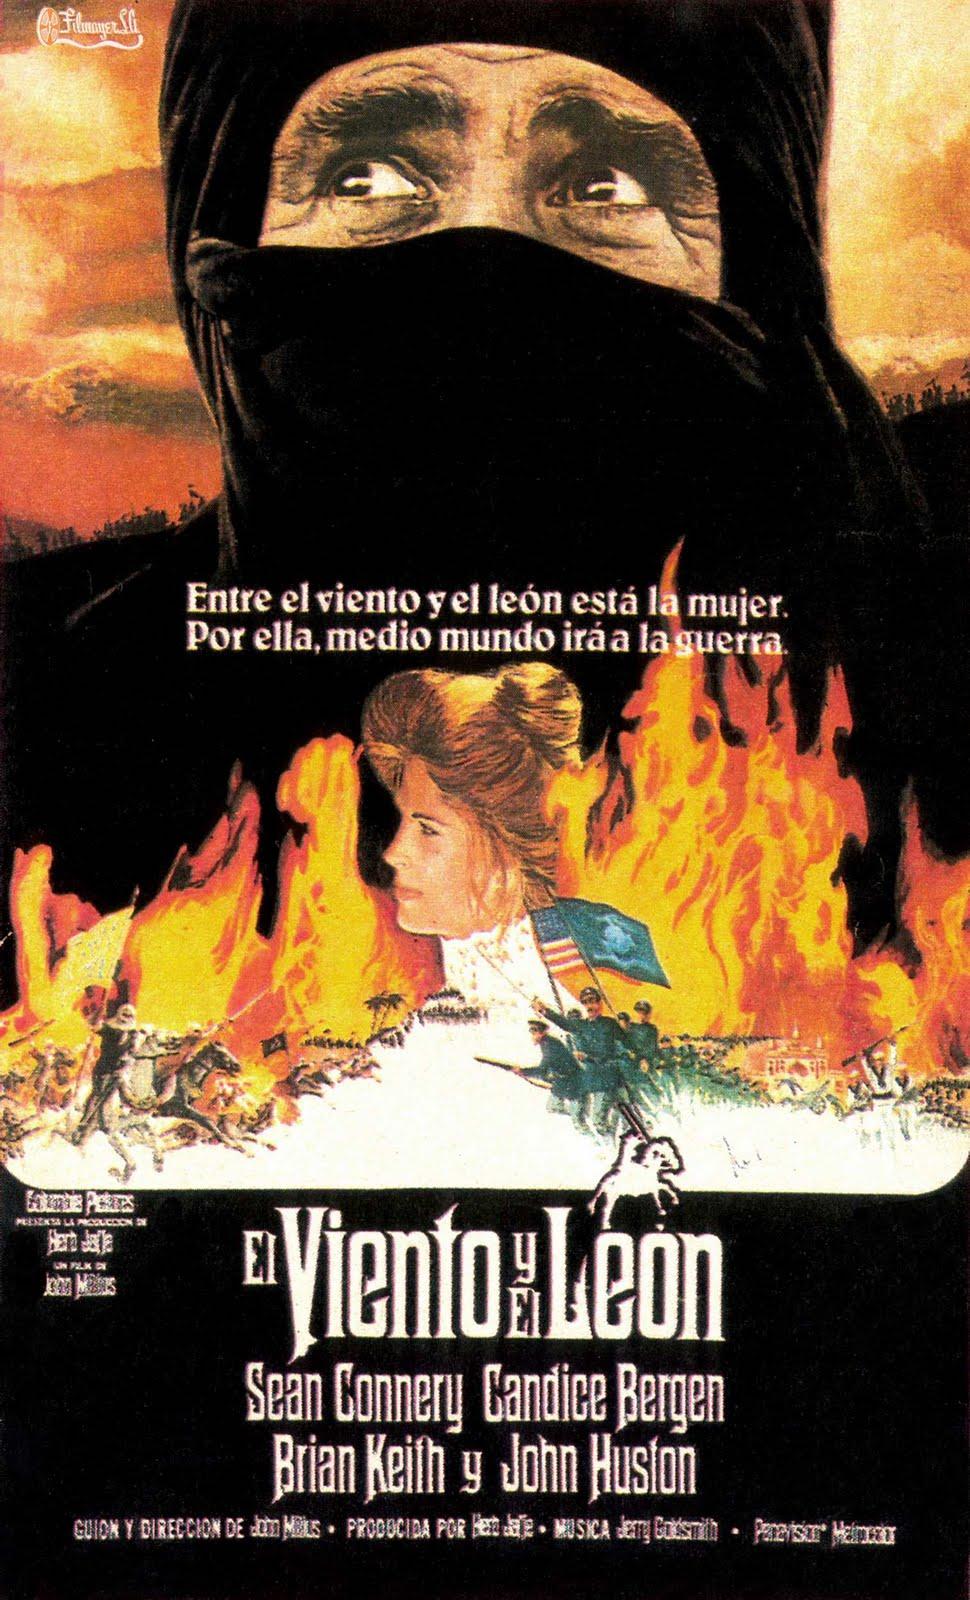 cartel de la pelicula el viento y el leon 1975